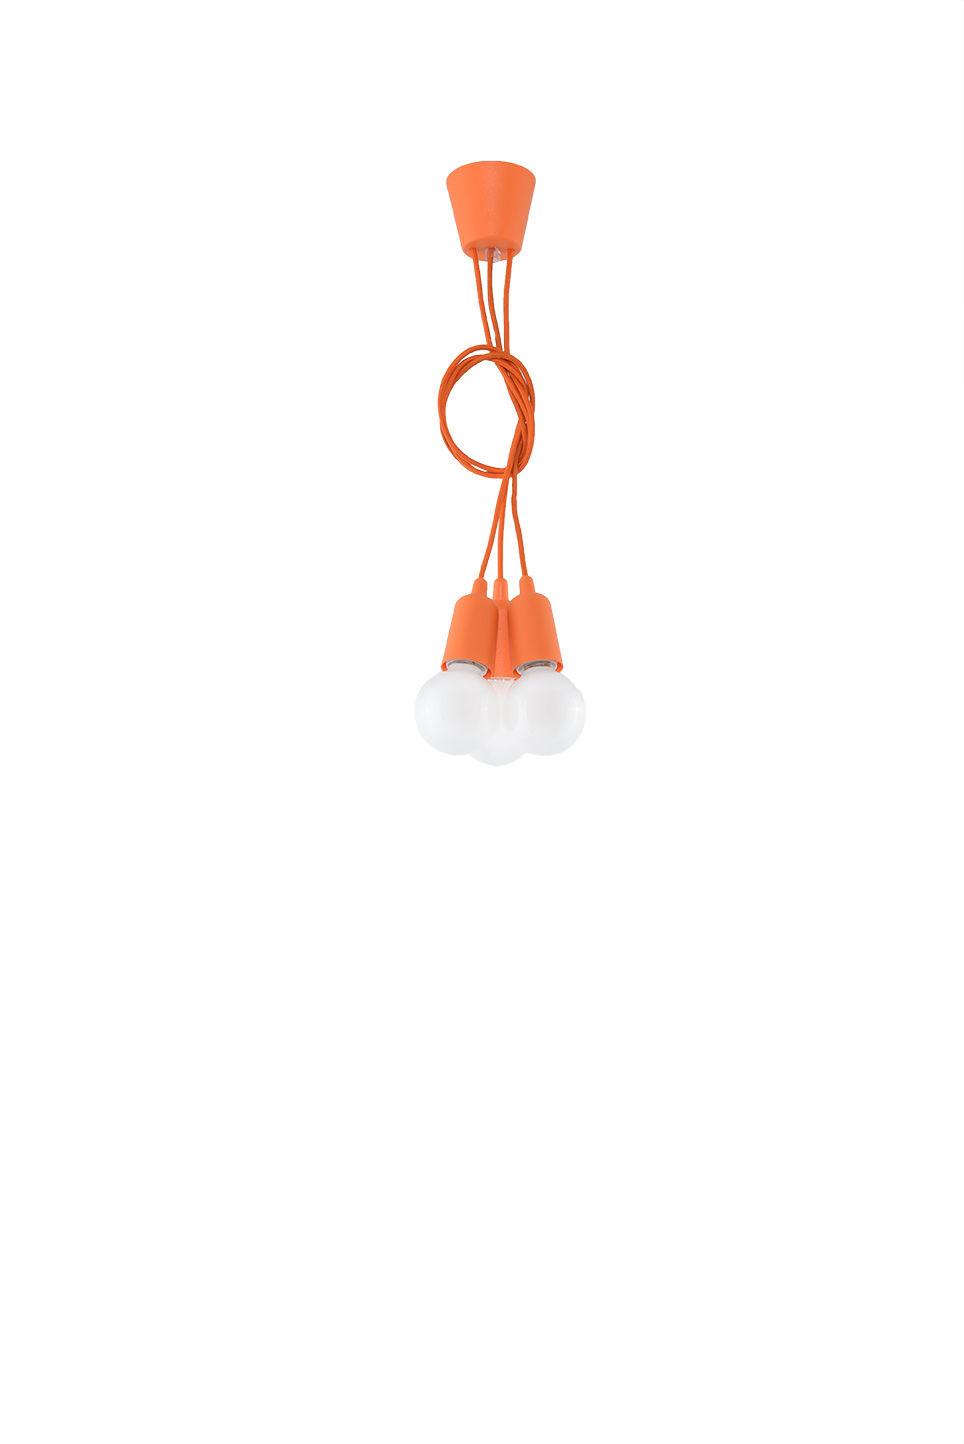 Lampa wisząca DIEGO 3 pomarańczowy - Sollux